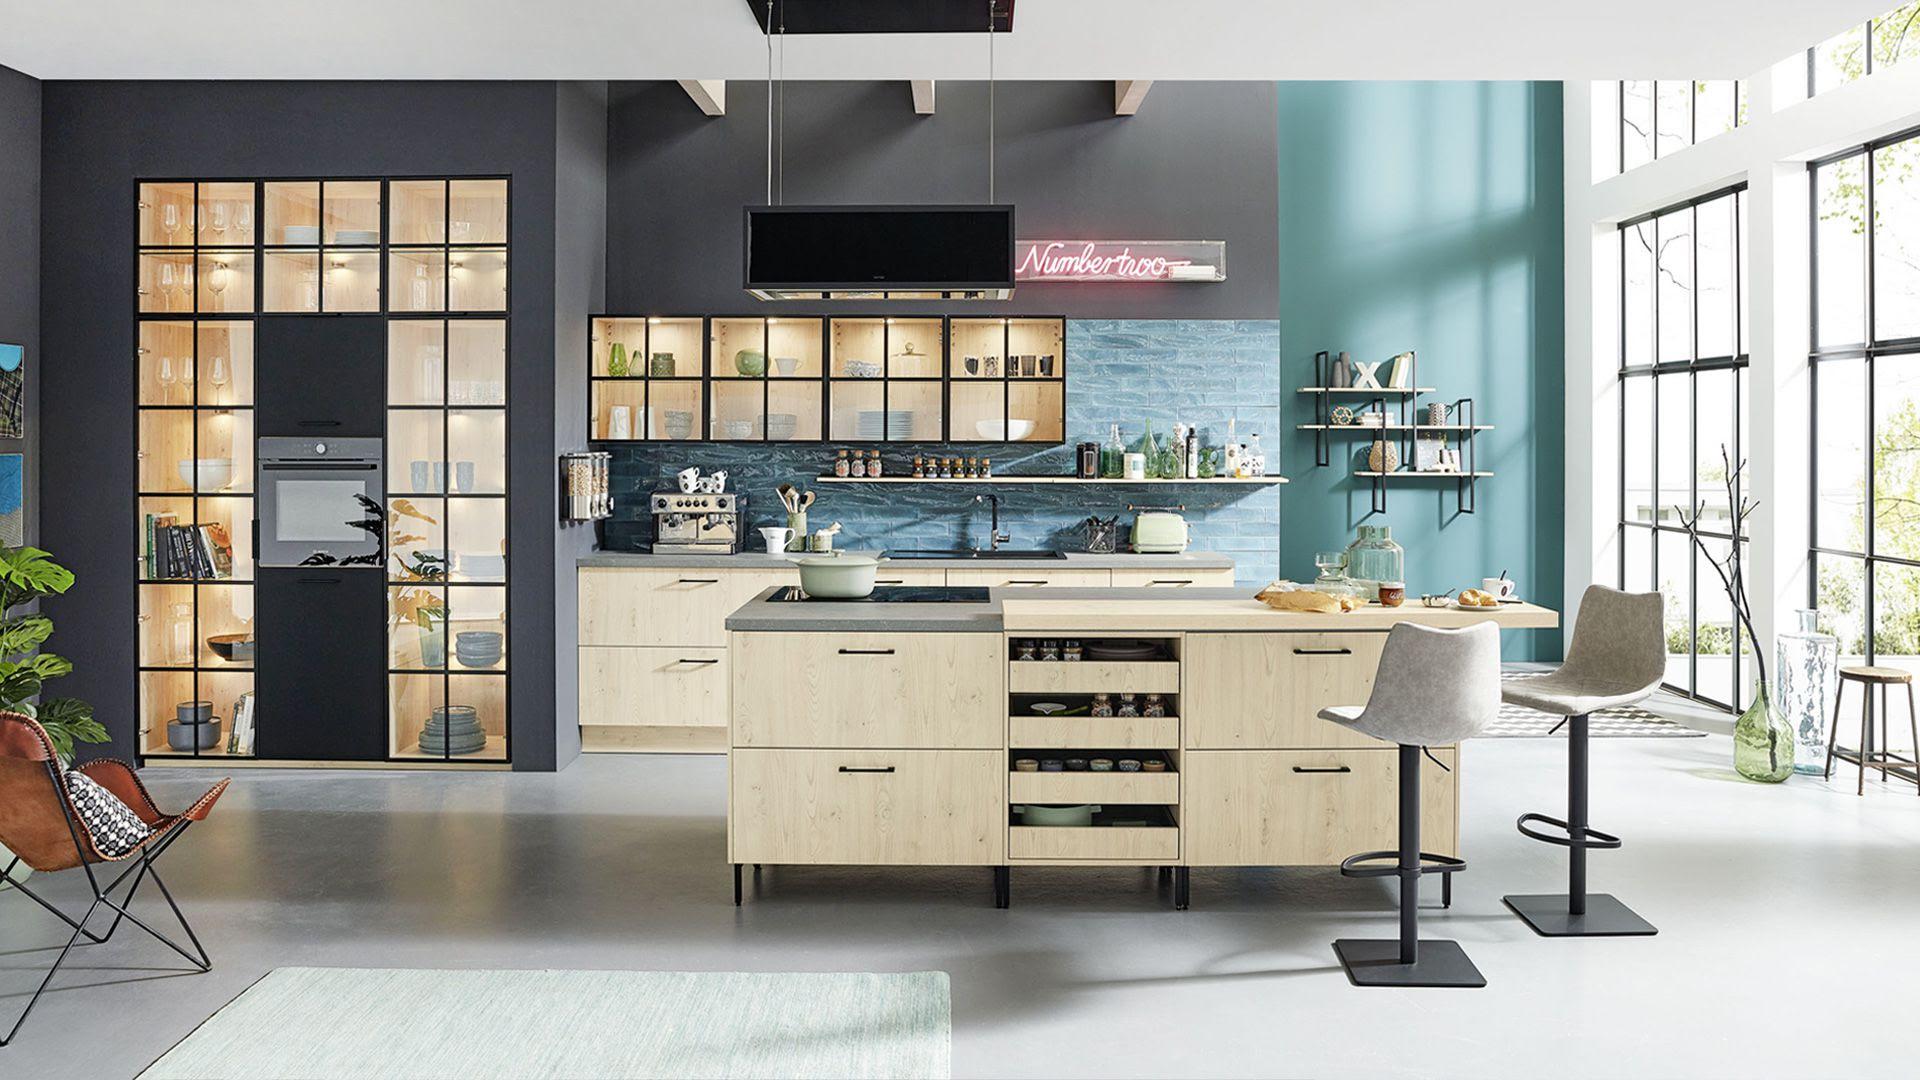 interliving schlafzimmer serie 1006 kleiderschrank küche